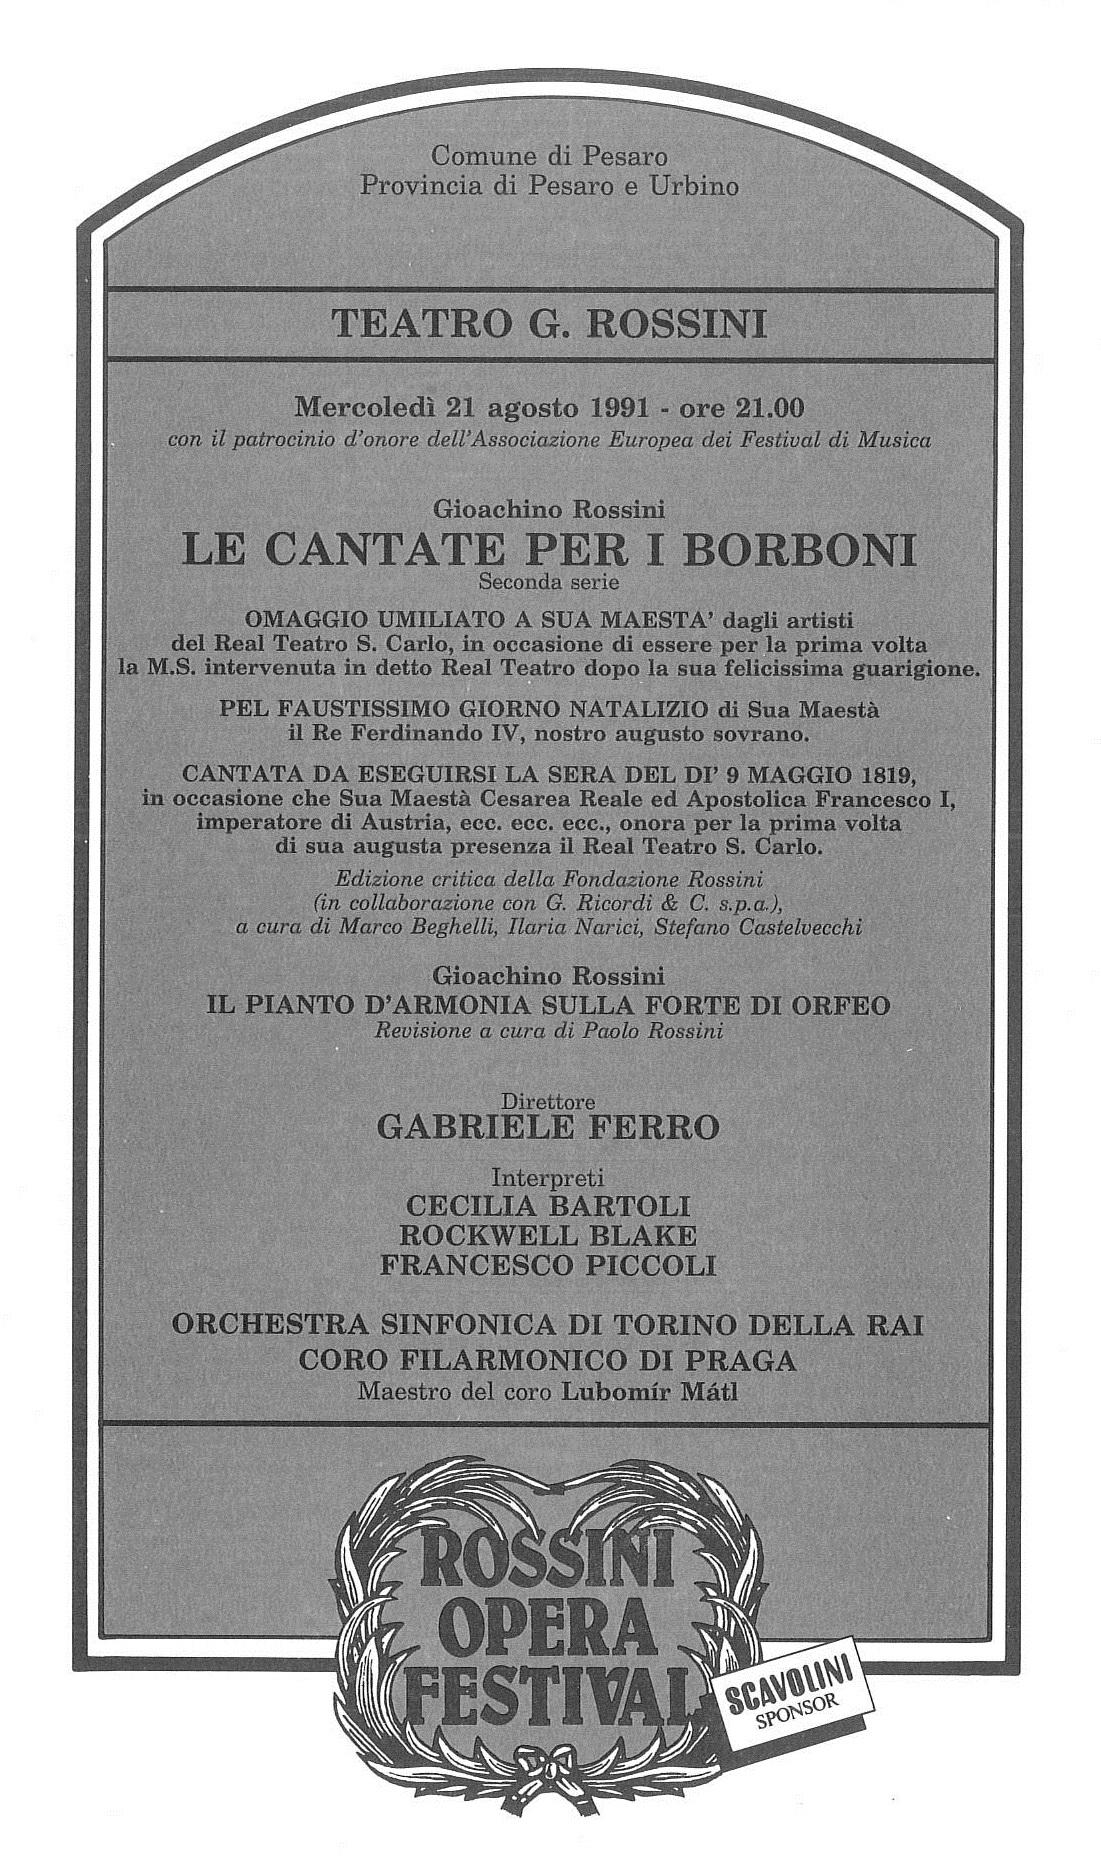 Le cantate per i Borboni 1991